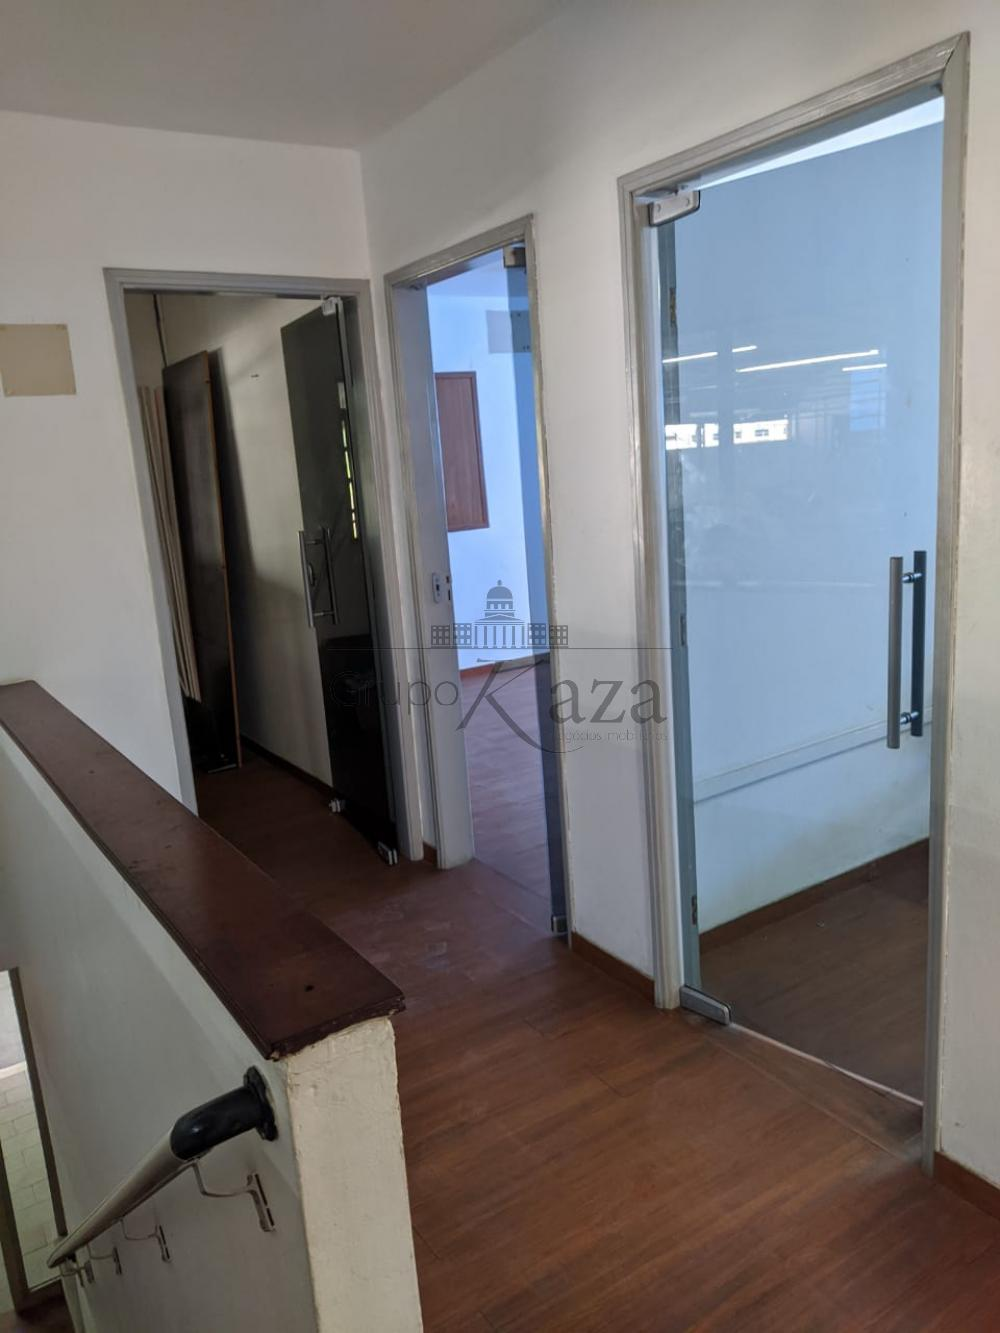 Alugar Comercial / Galpão em São José dos Campos R$ 16.350,00 - Foto 8